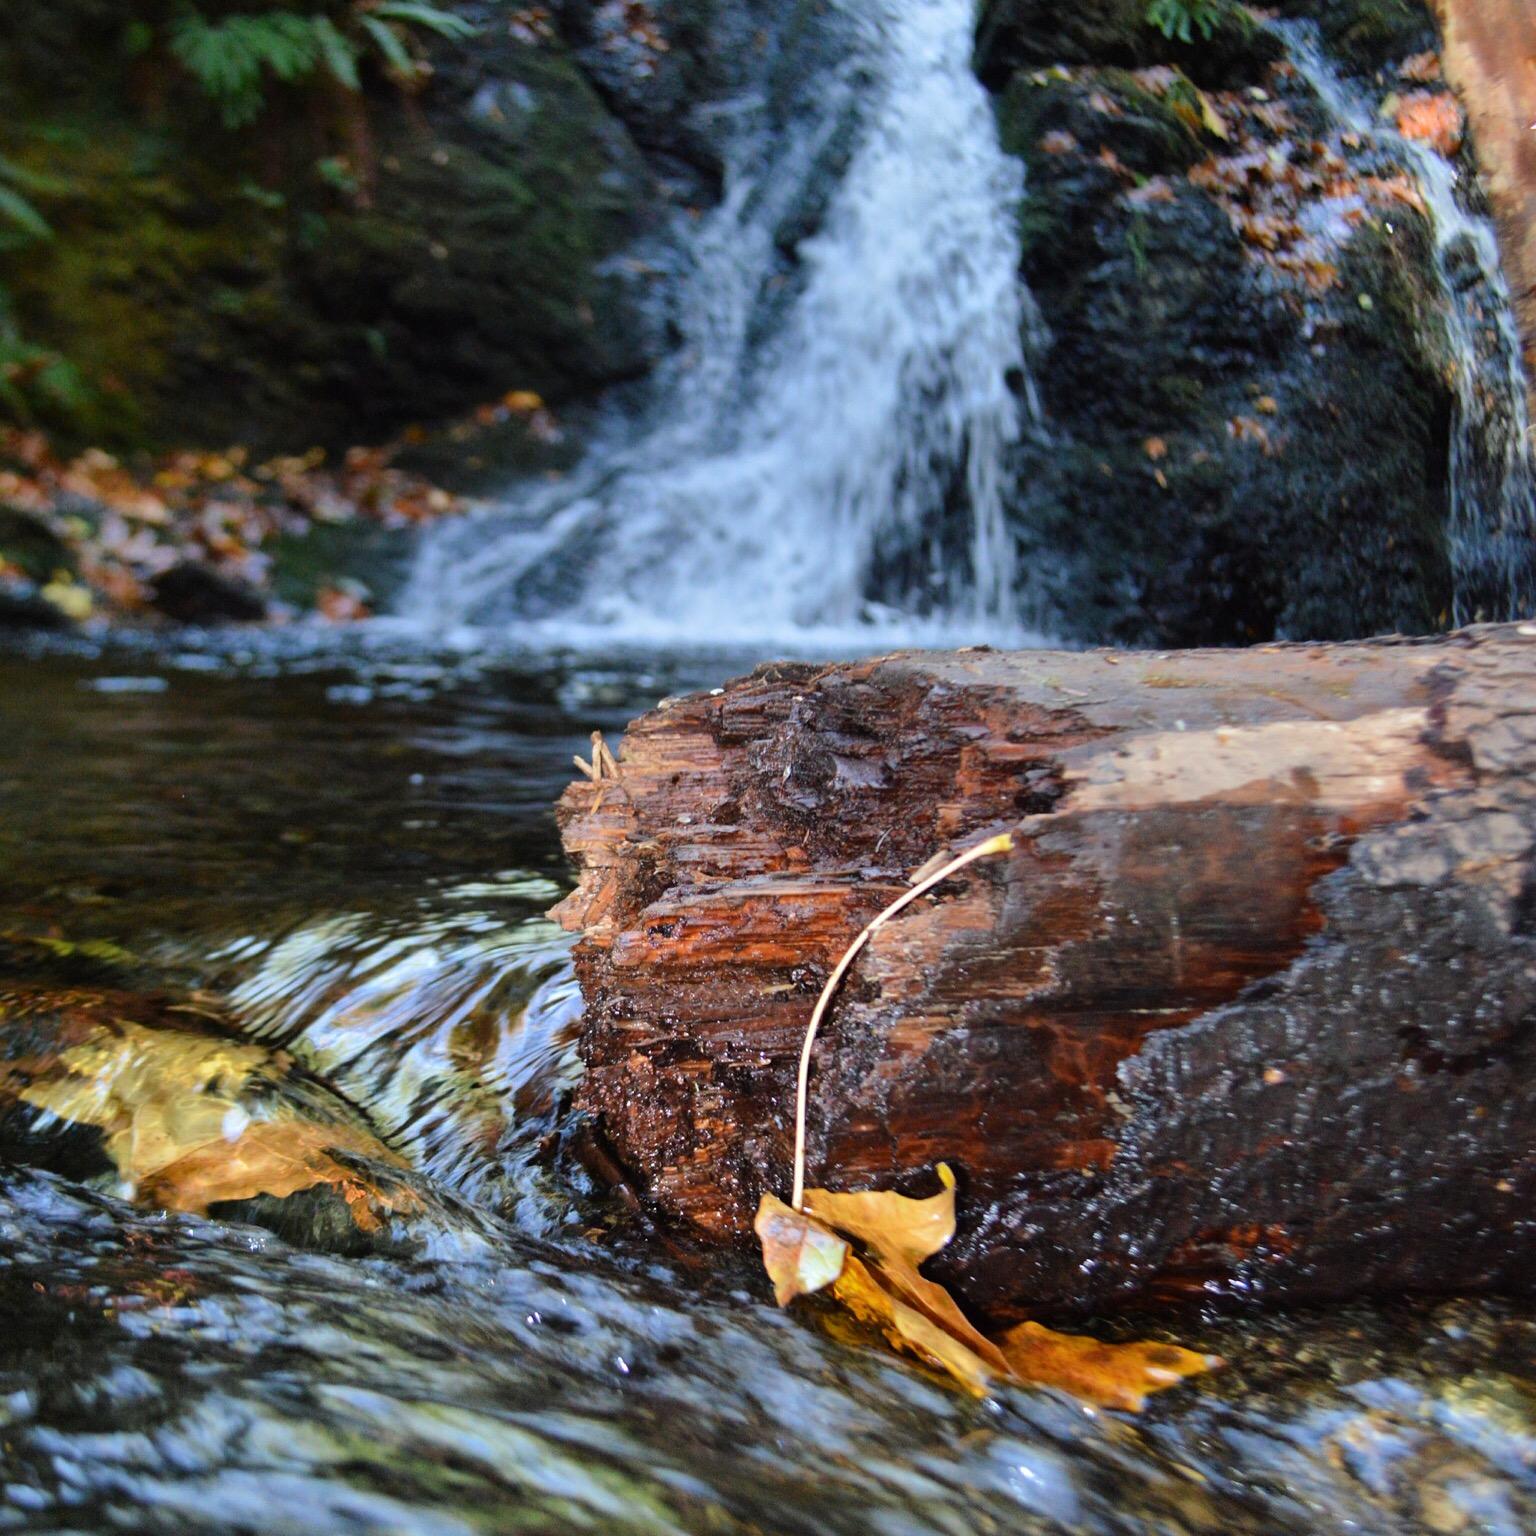 Cascade Falls Trail in Moran State Park